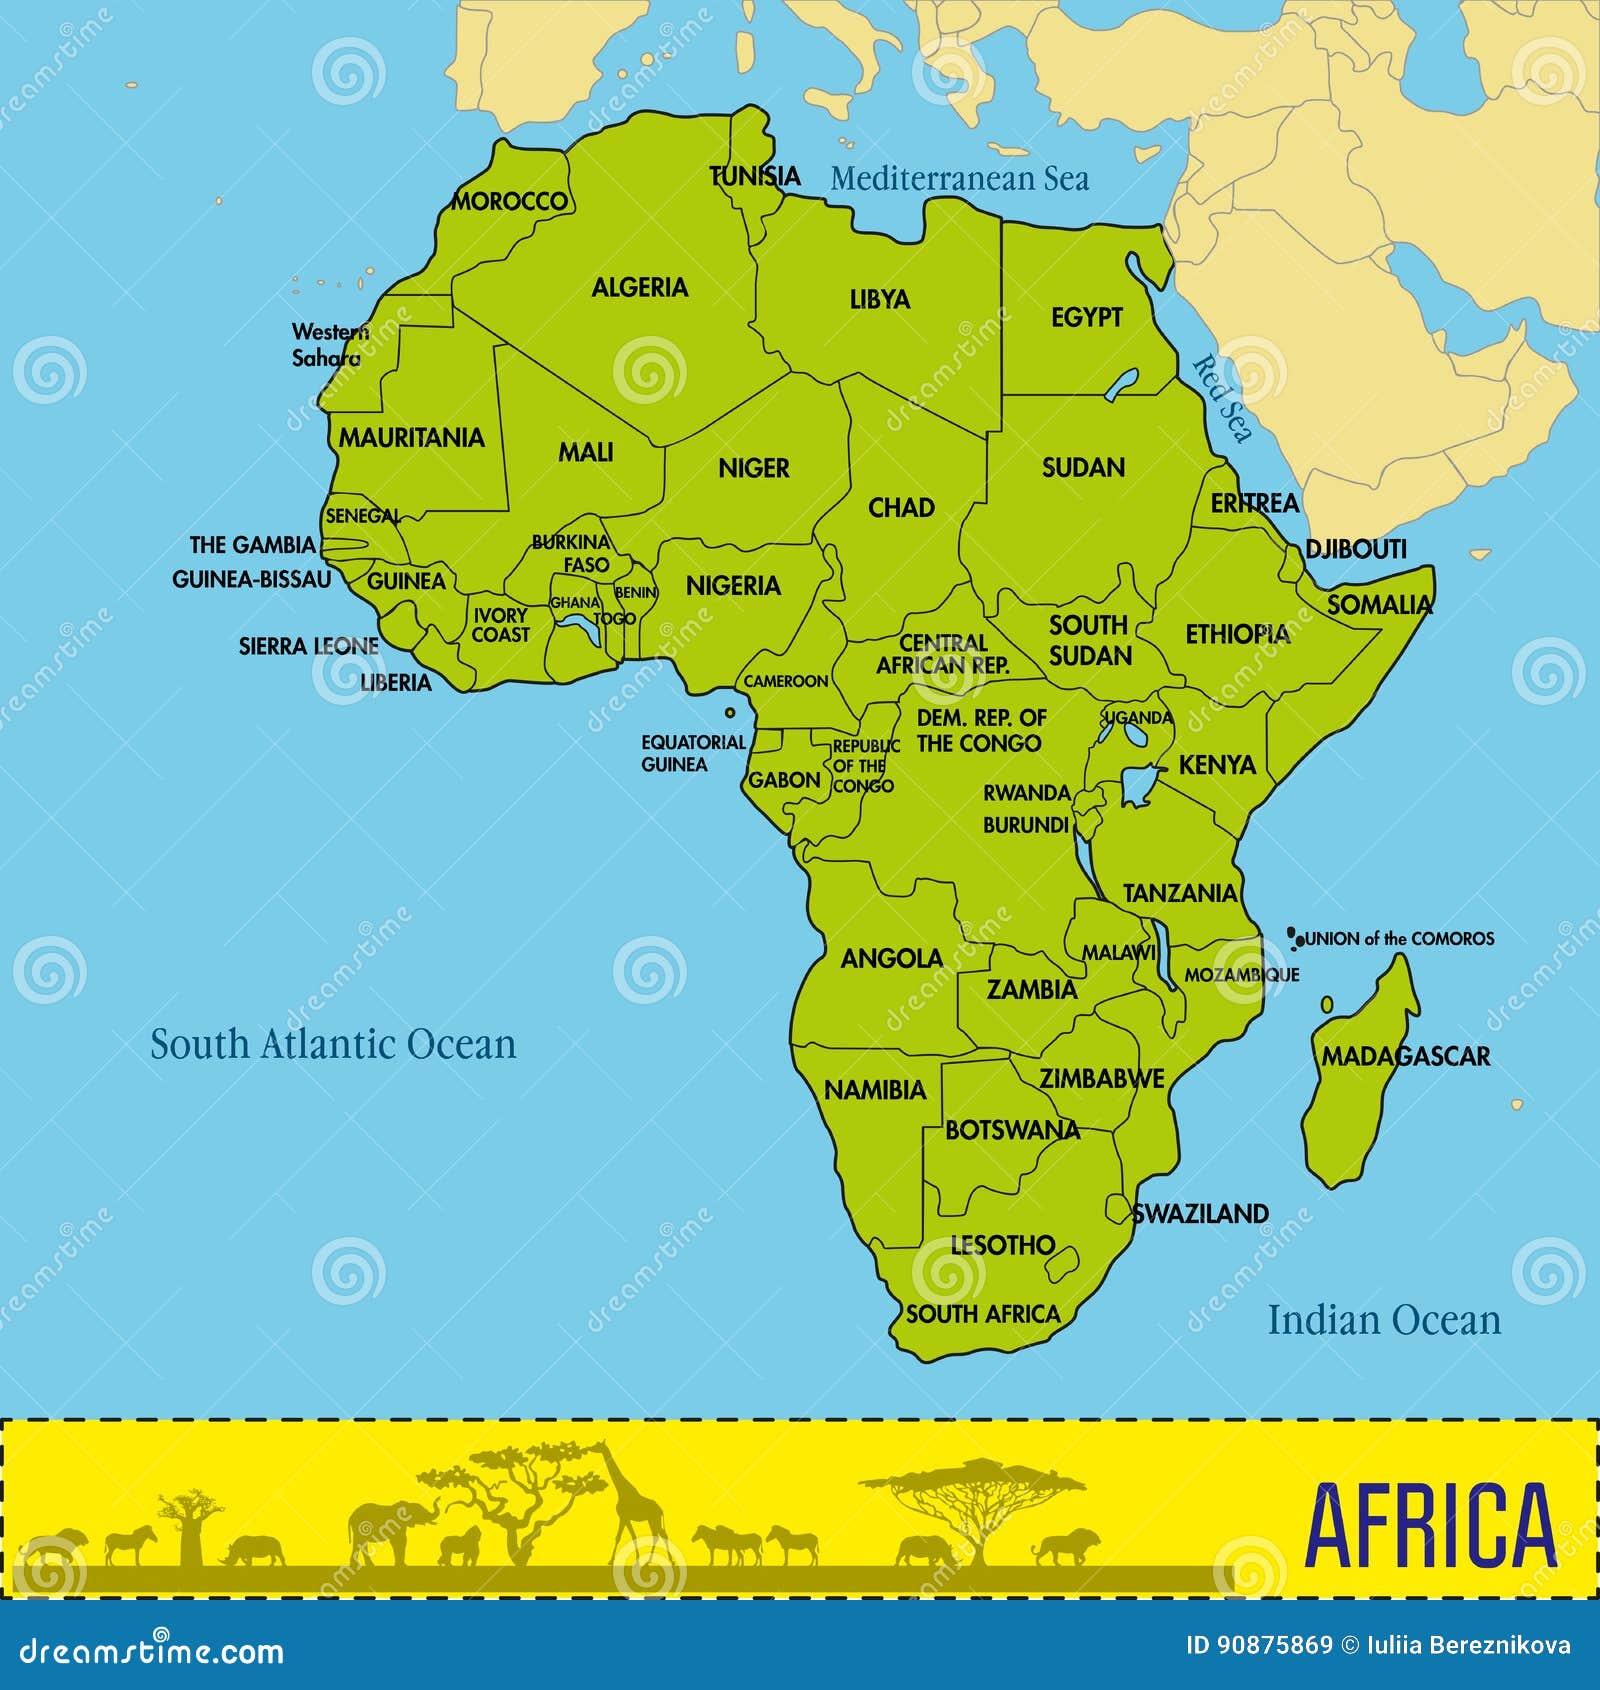 Mapa De Africa Con Todos Los Paises Y Sus Capitales Ilustracion